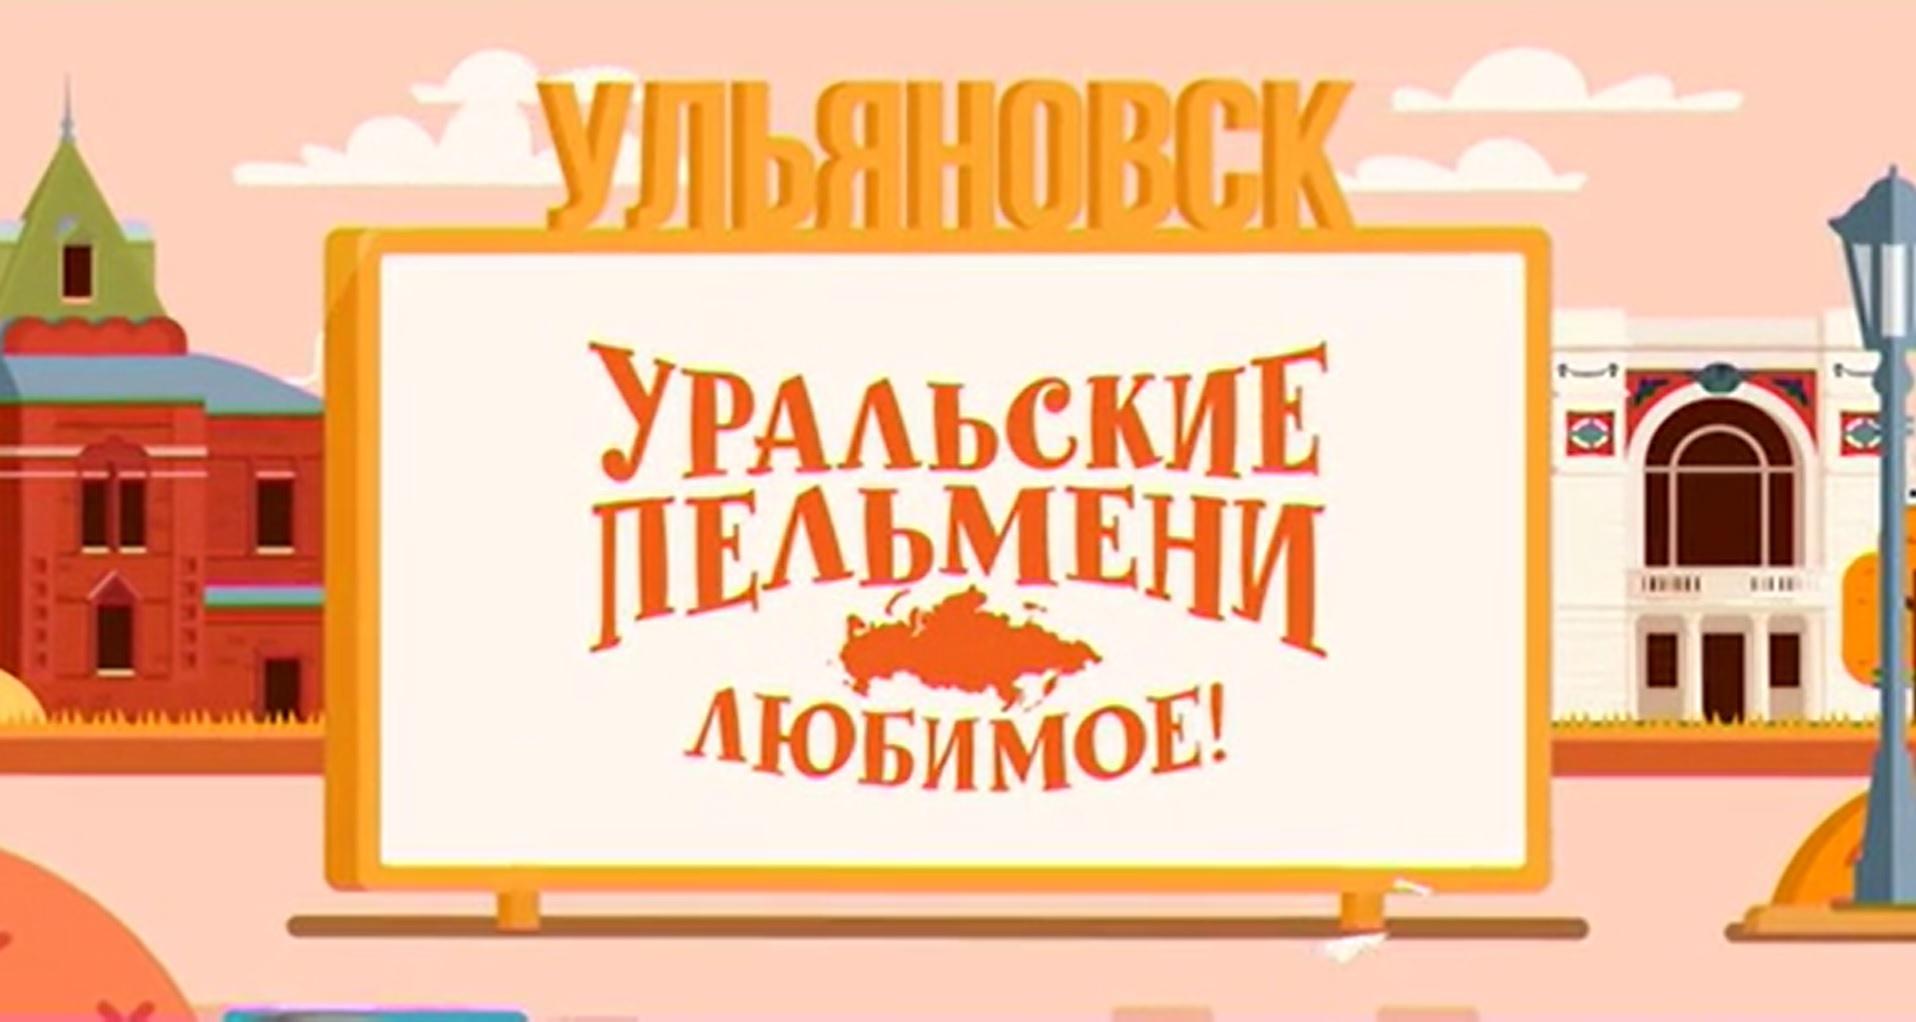 Творческий коллектив Уральские Пельмени Уральские пельмени. Любимое. Ульяновск авиабилет ульяновск москва